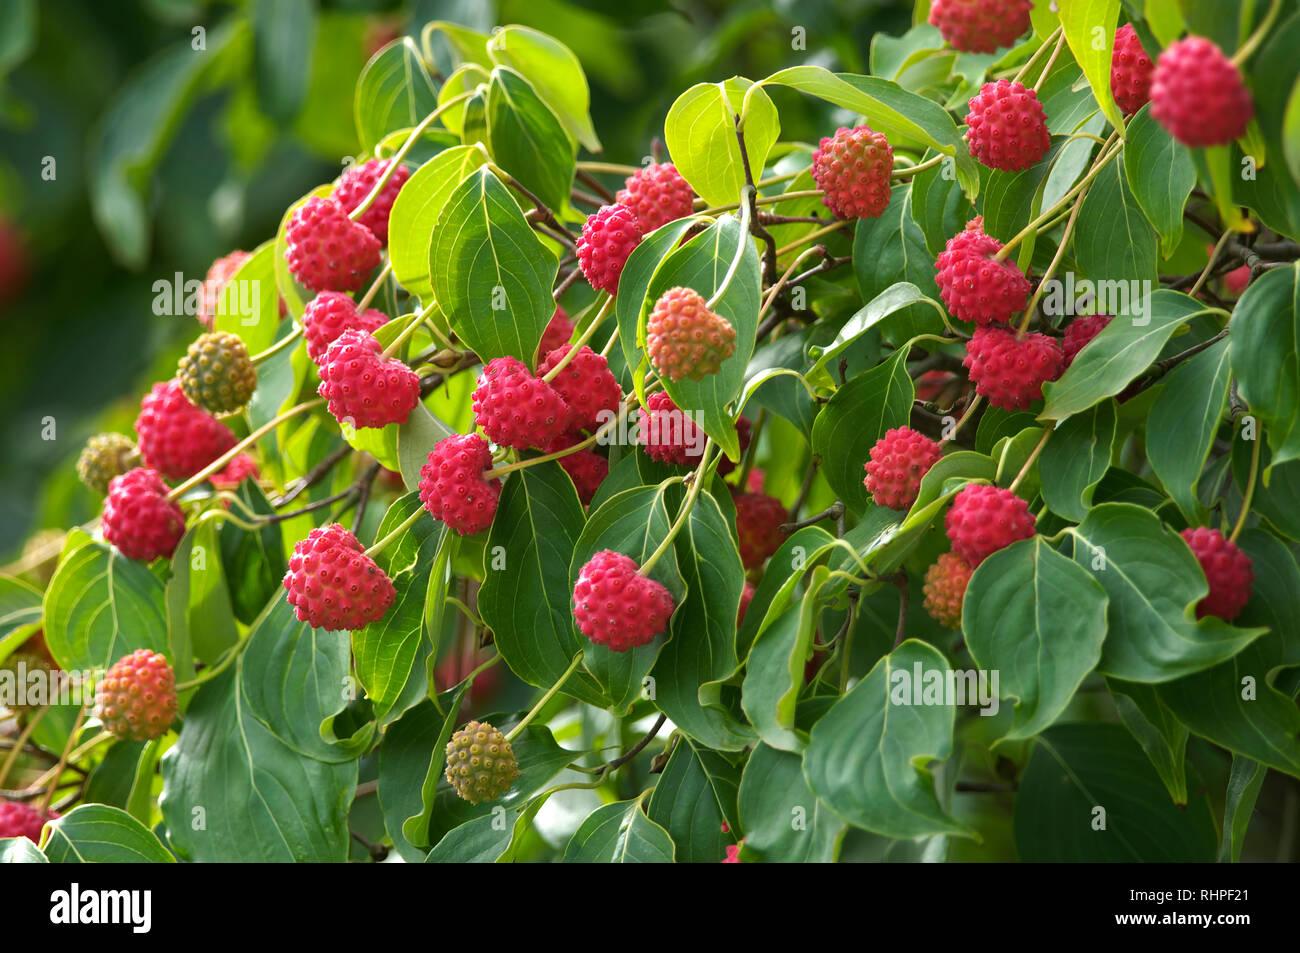 Cornus kousa `China Girl` Dogwood Fruit Stock Photo